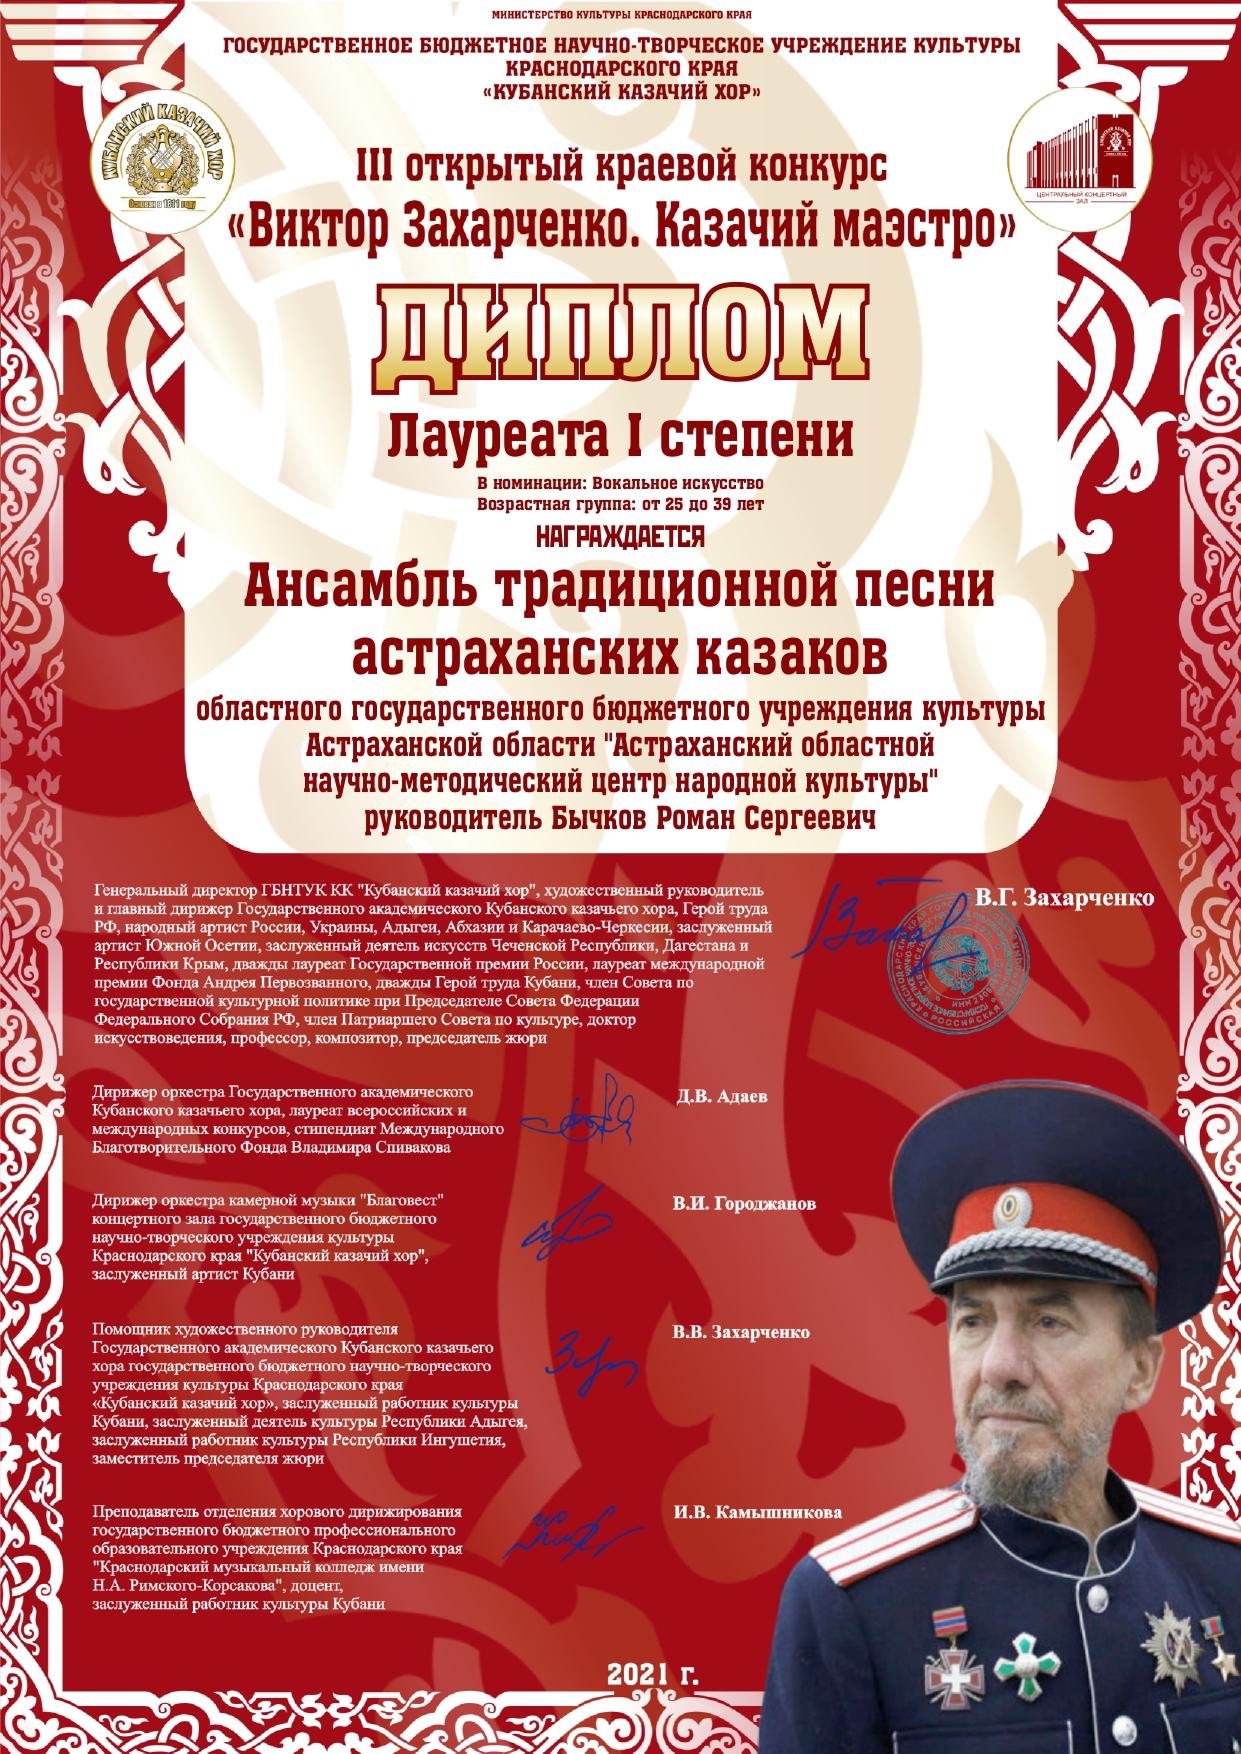 Ансамбль астраханских казаков стал лауреатом конкурса «Виктор Захарченко. Казачий маэстро»